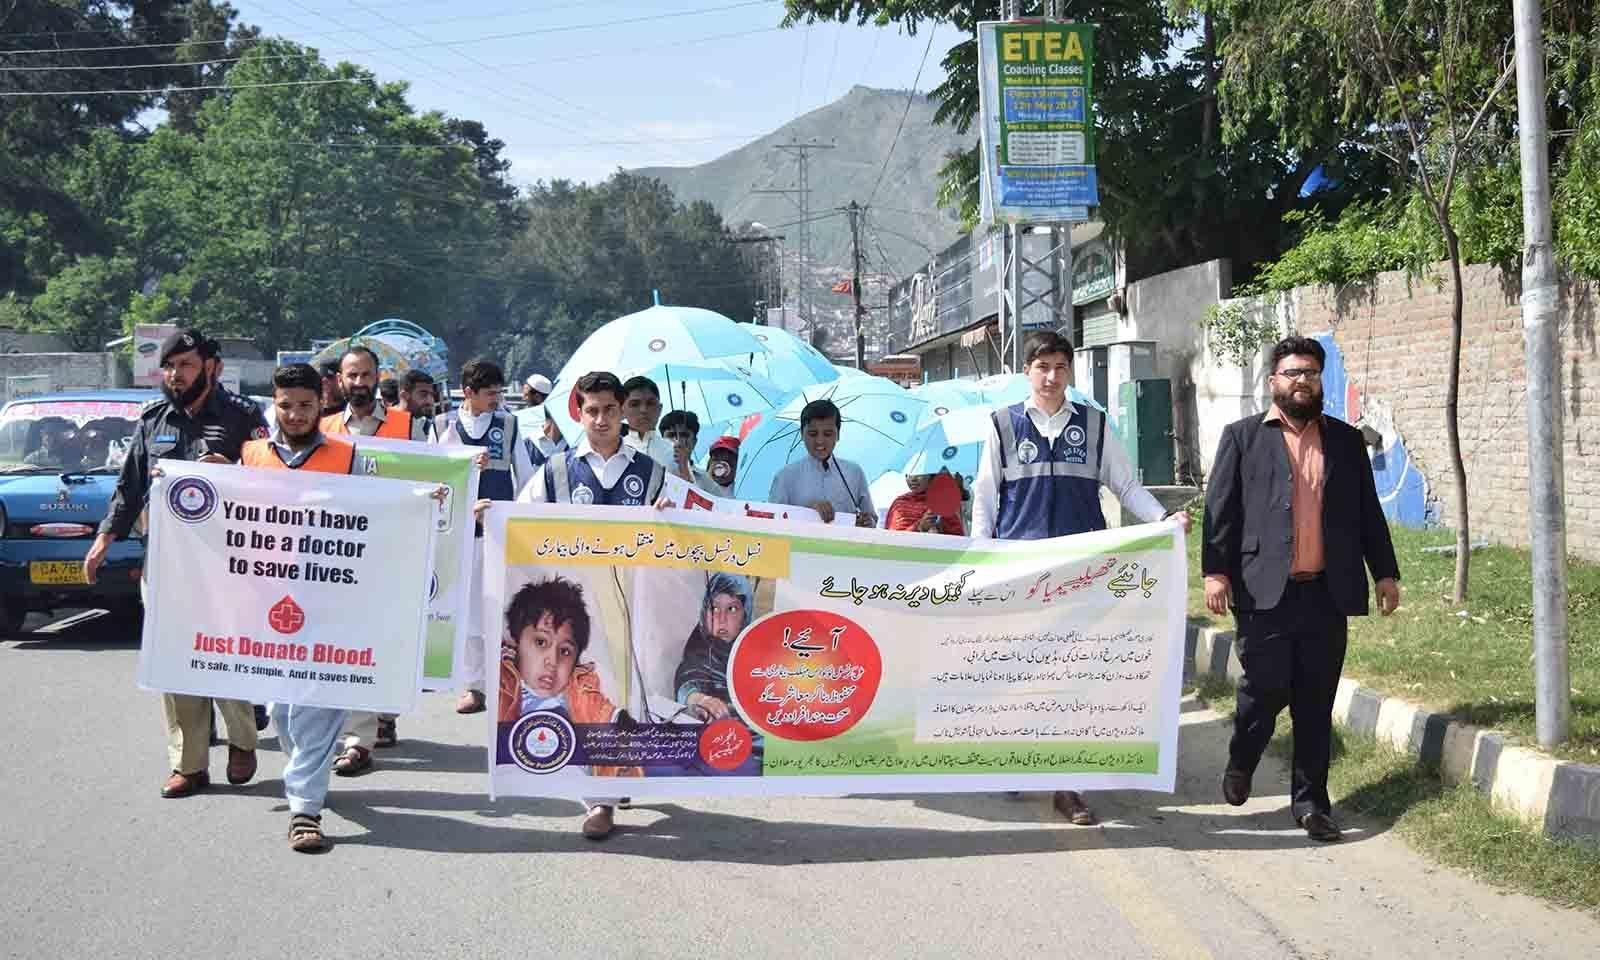 سوات کی مصروف شاہراہ پر تھیلیسیمیا سے متعلق آگاہی واک کا منظر